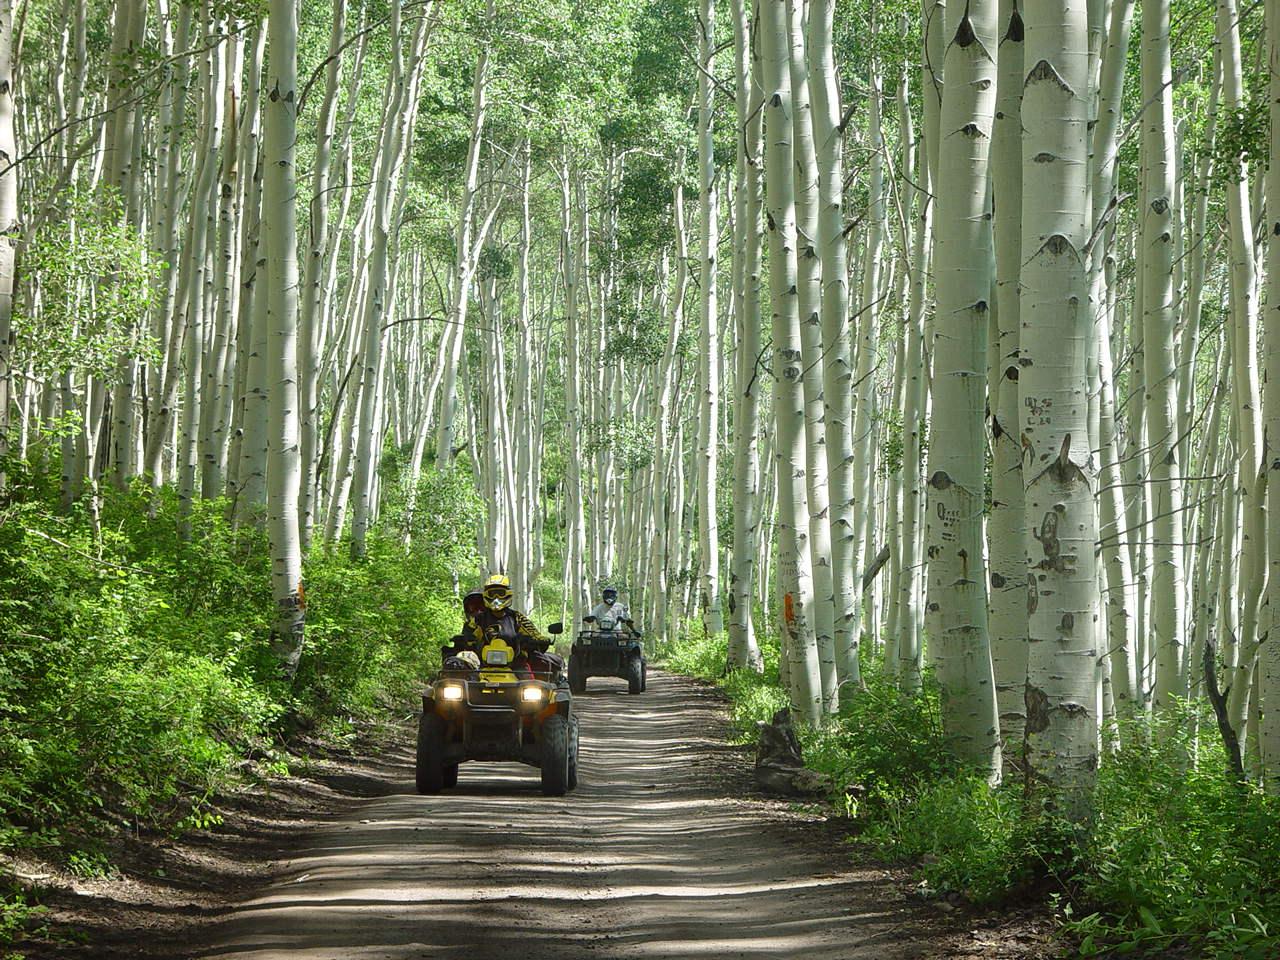 Piute ATV Trail